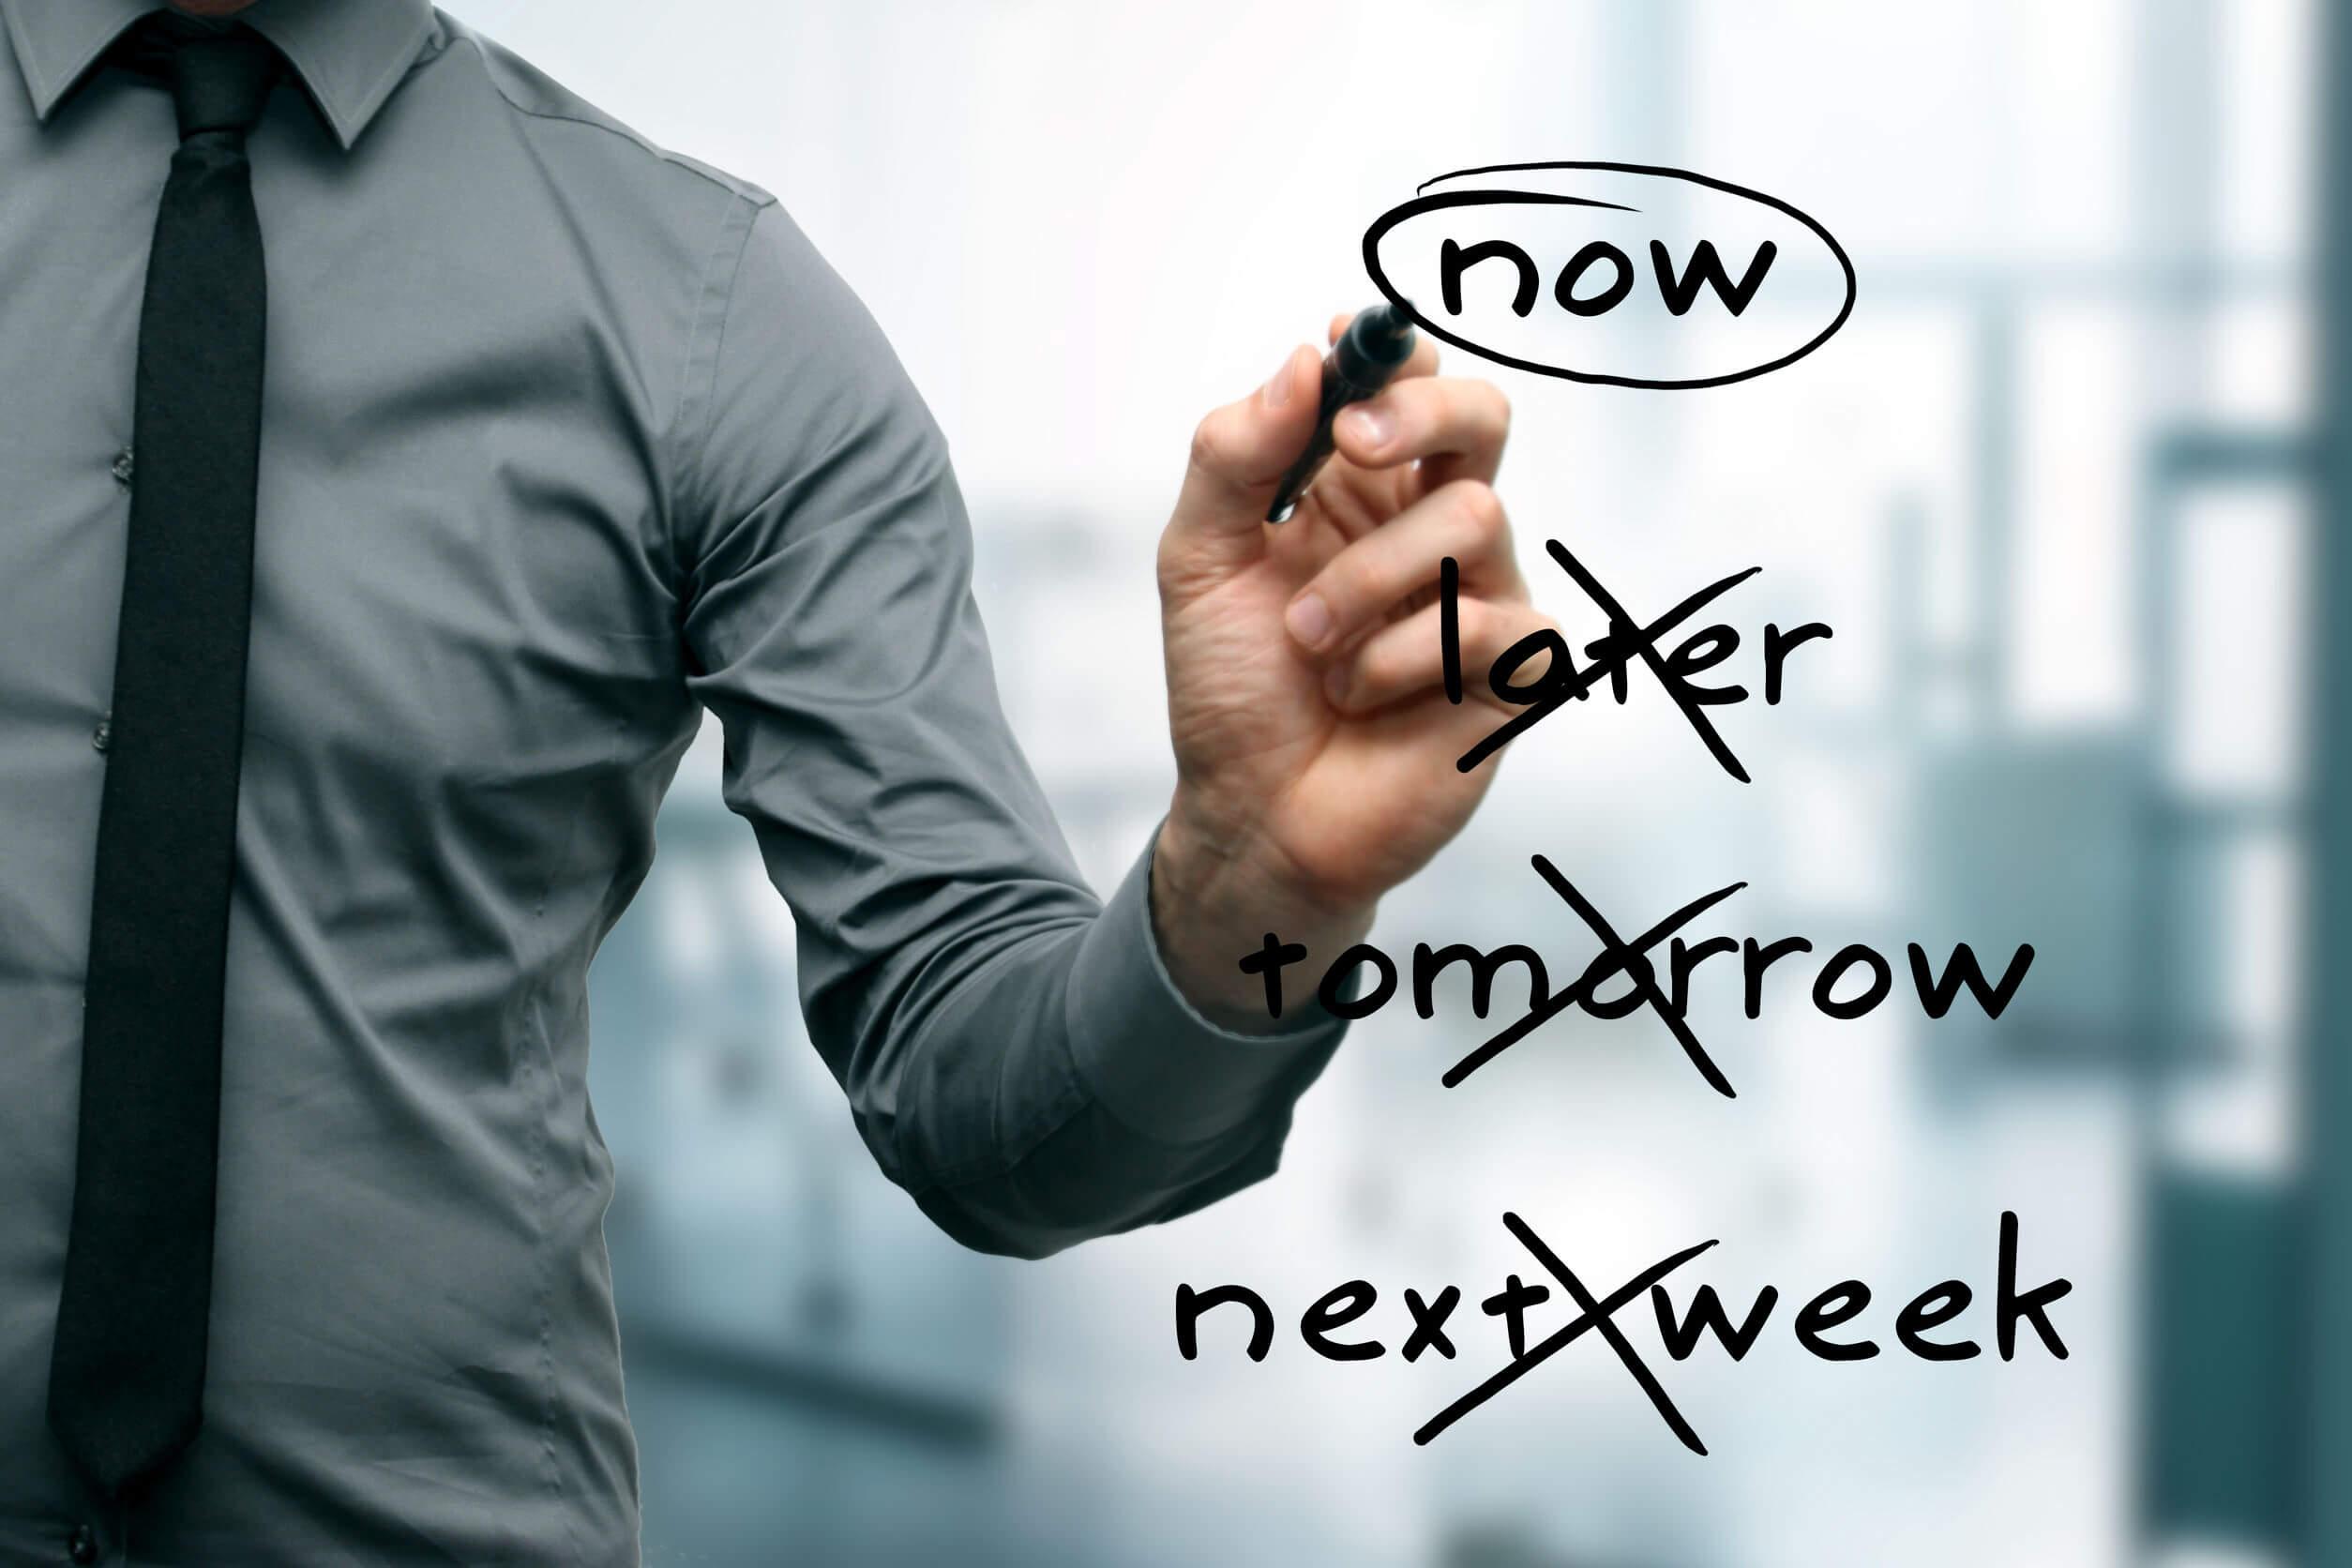 Las claves para gestionar el tiempo incluyen no procrastinar.